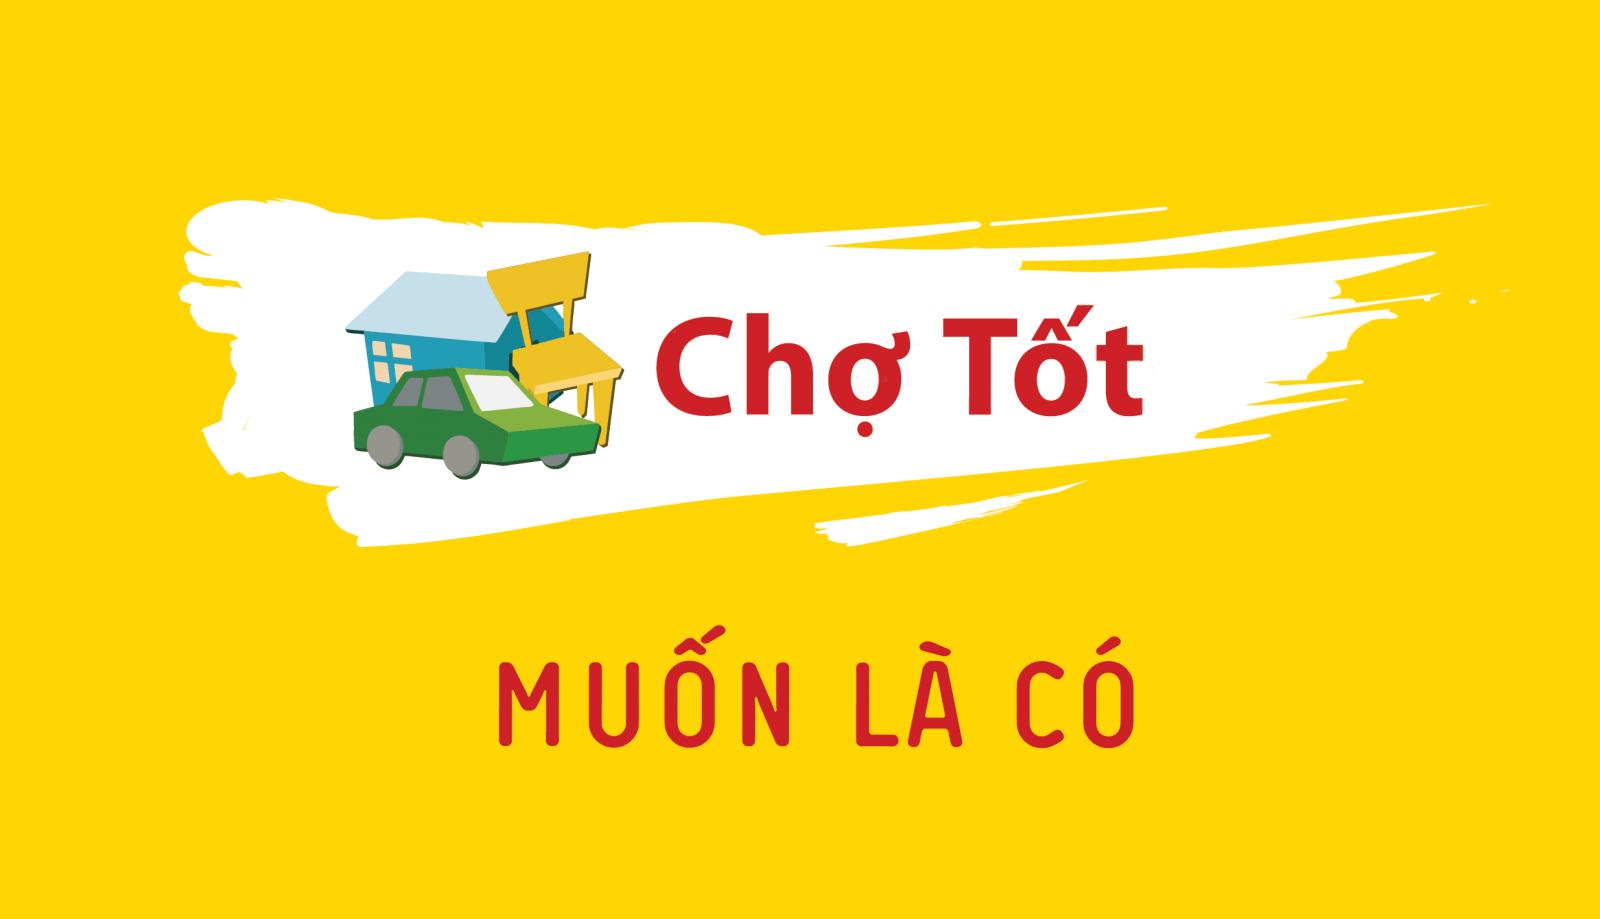 Chotot-Website thương mại điện tử hàng đầu Việt Nam